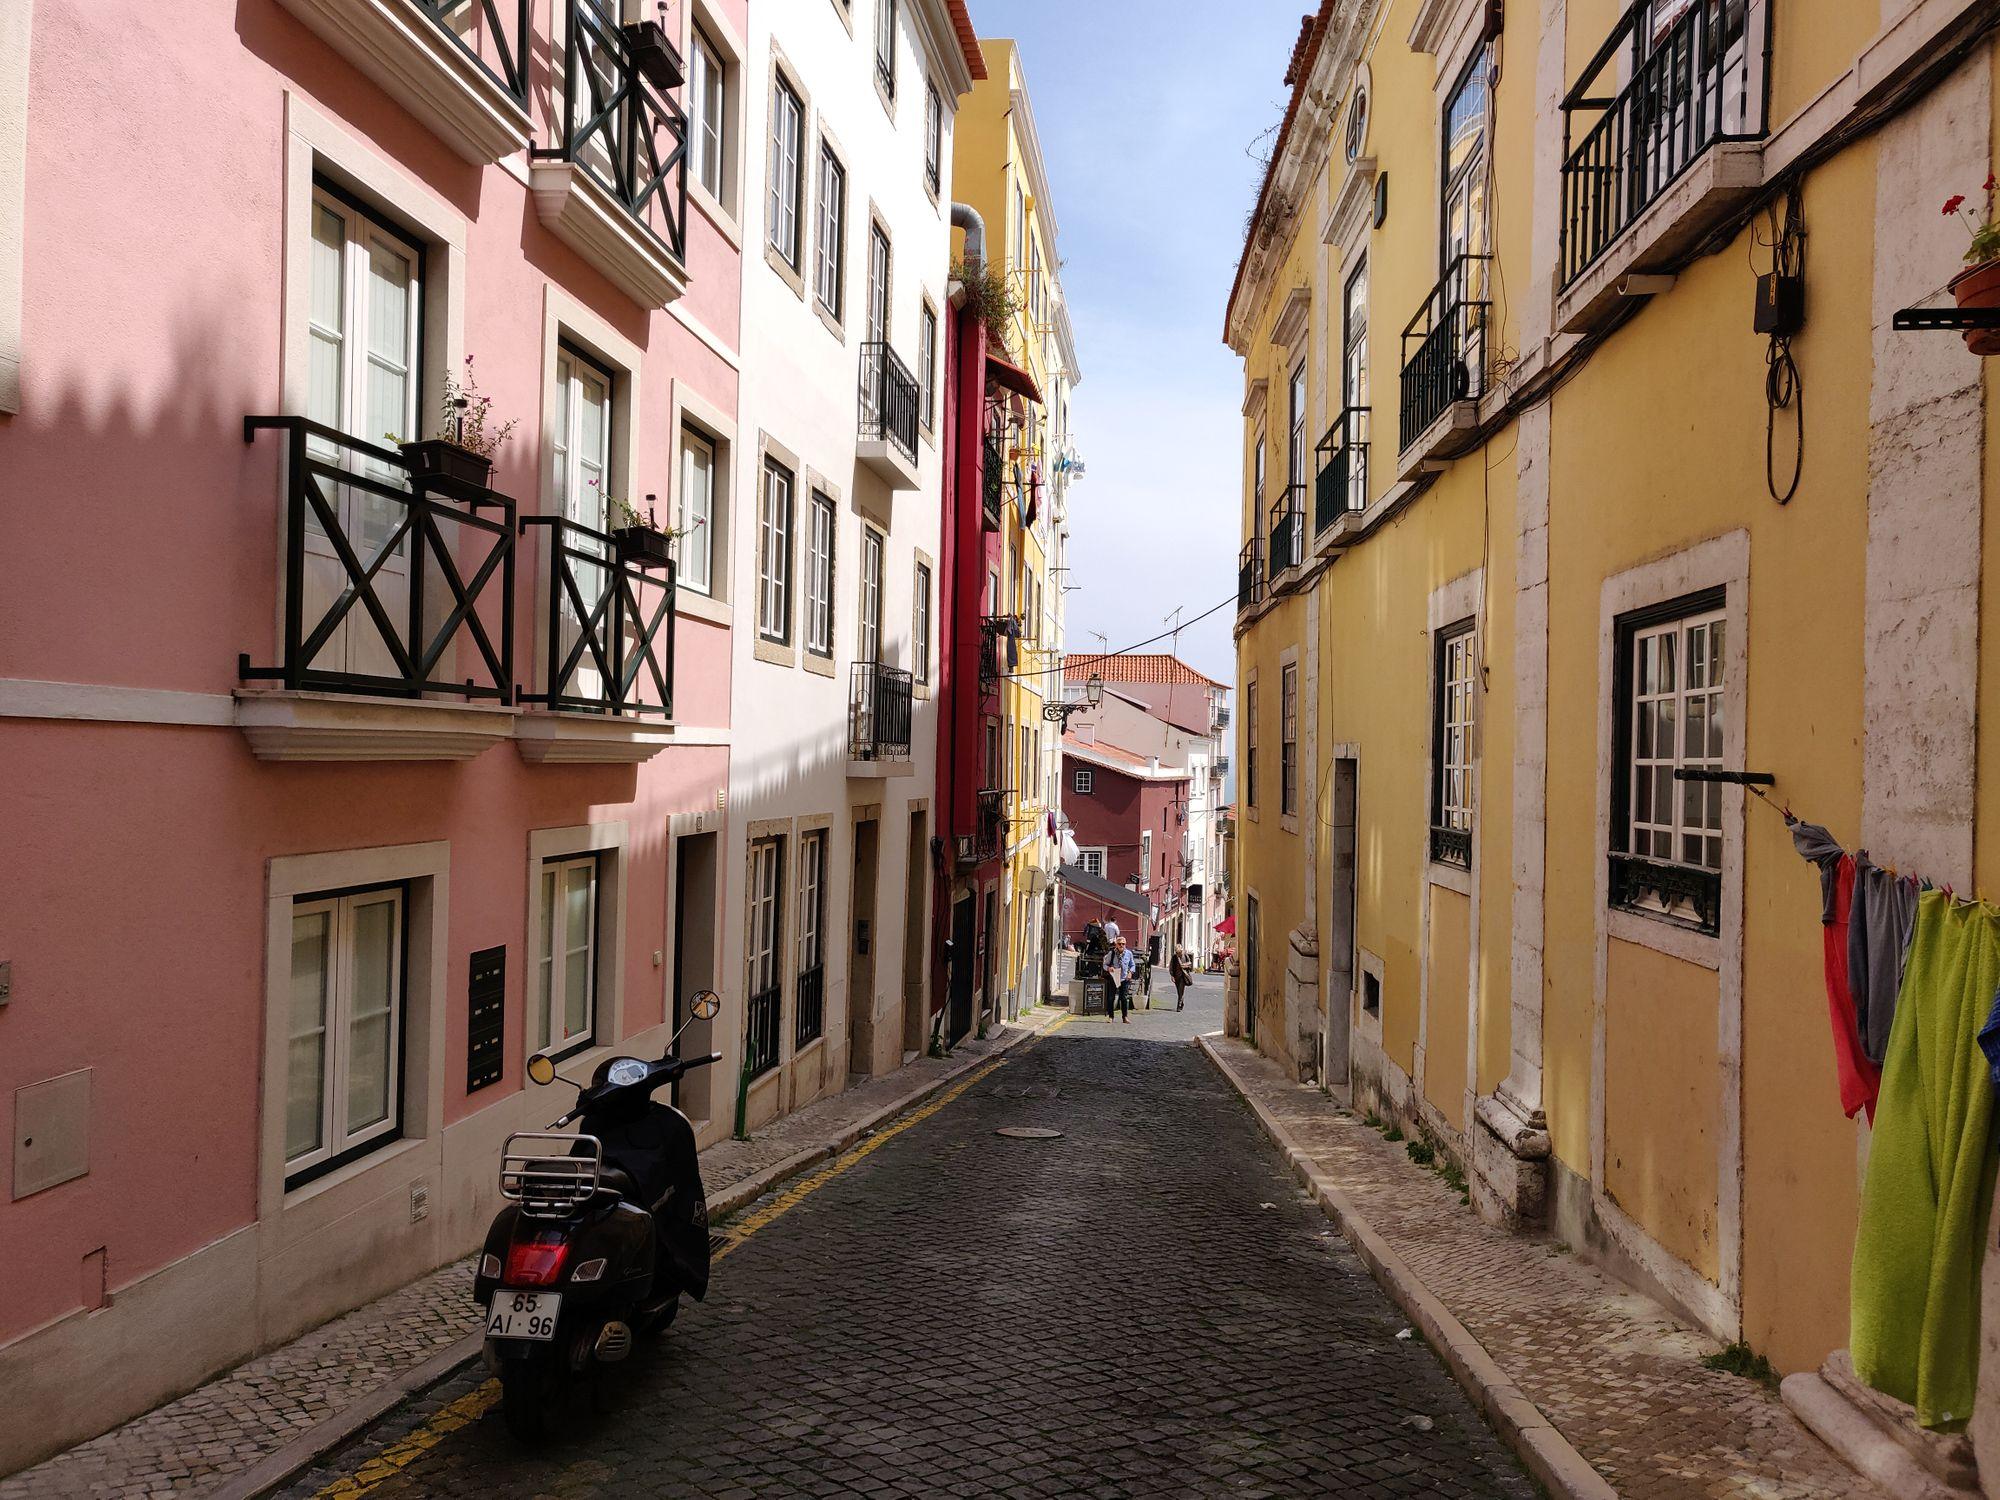 Une petite rue pavé avec des immeubles jaune, rouge, rose et blanc